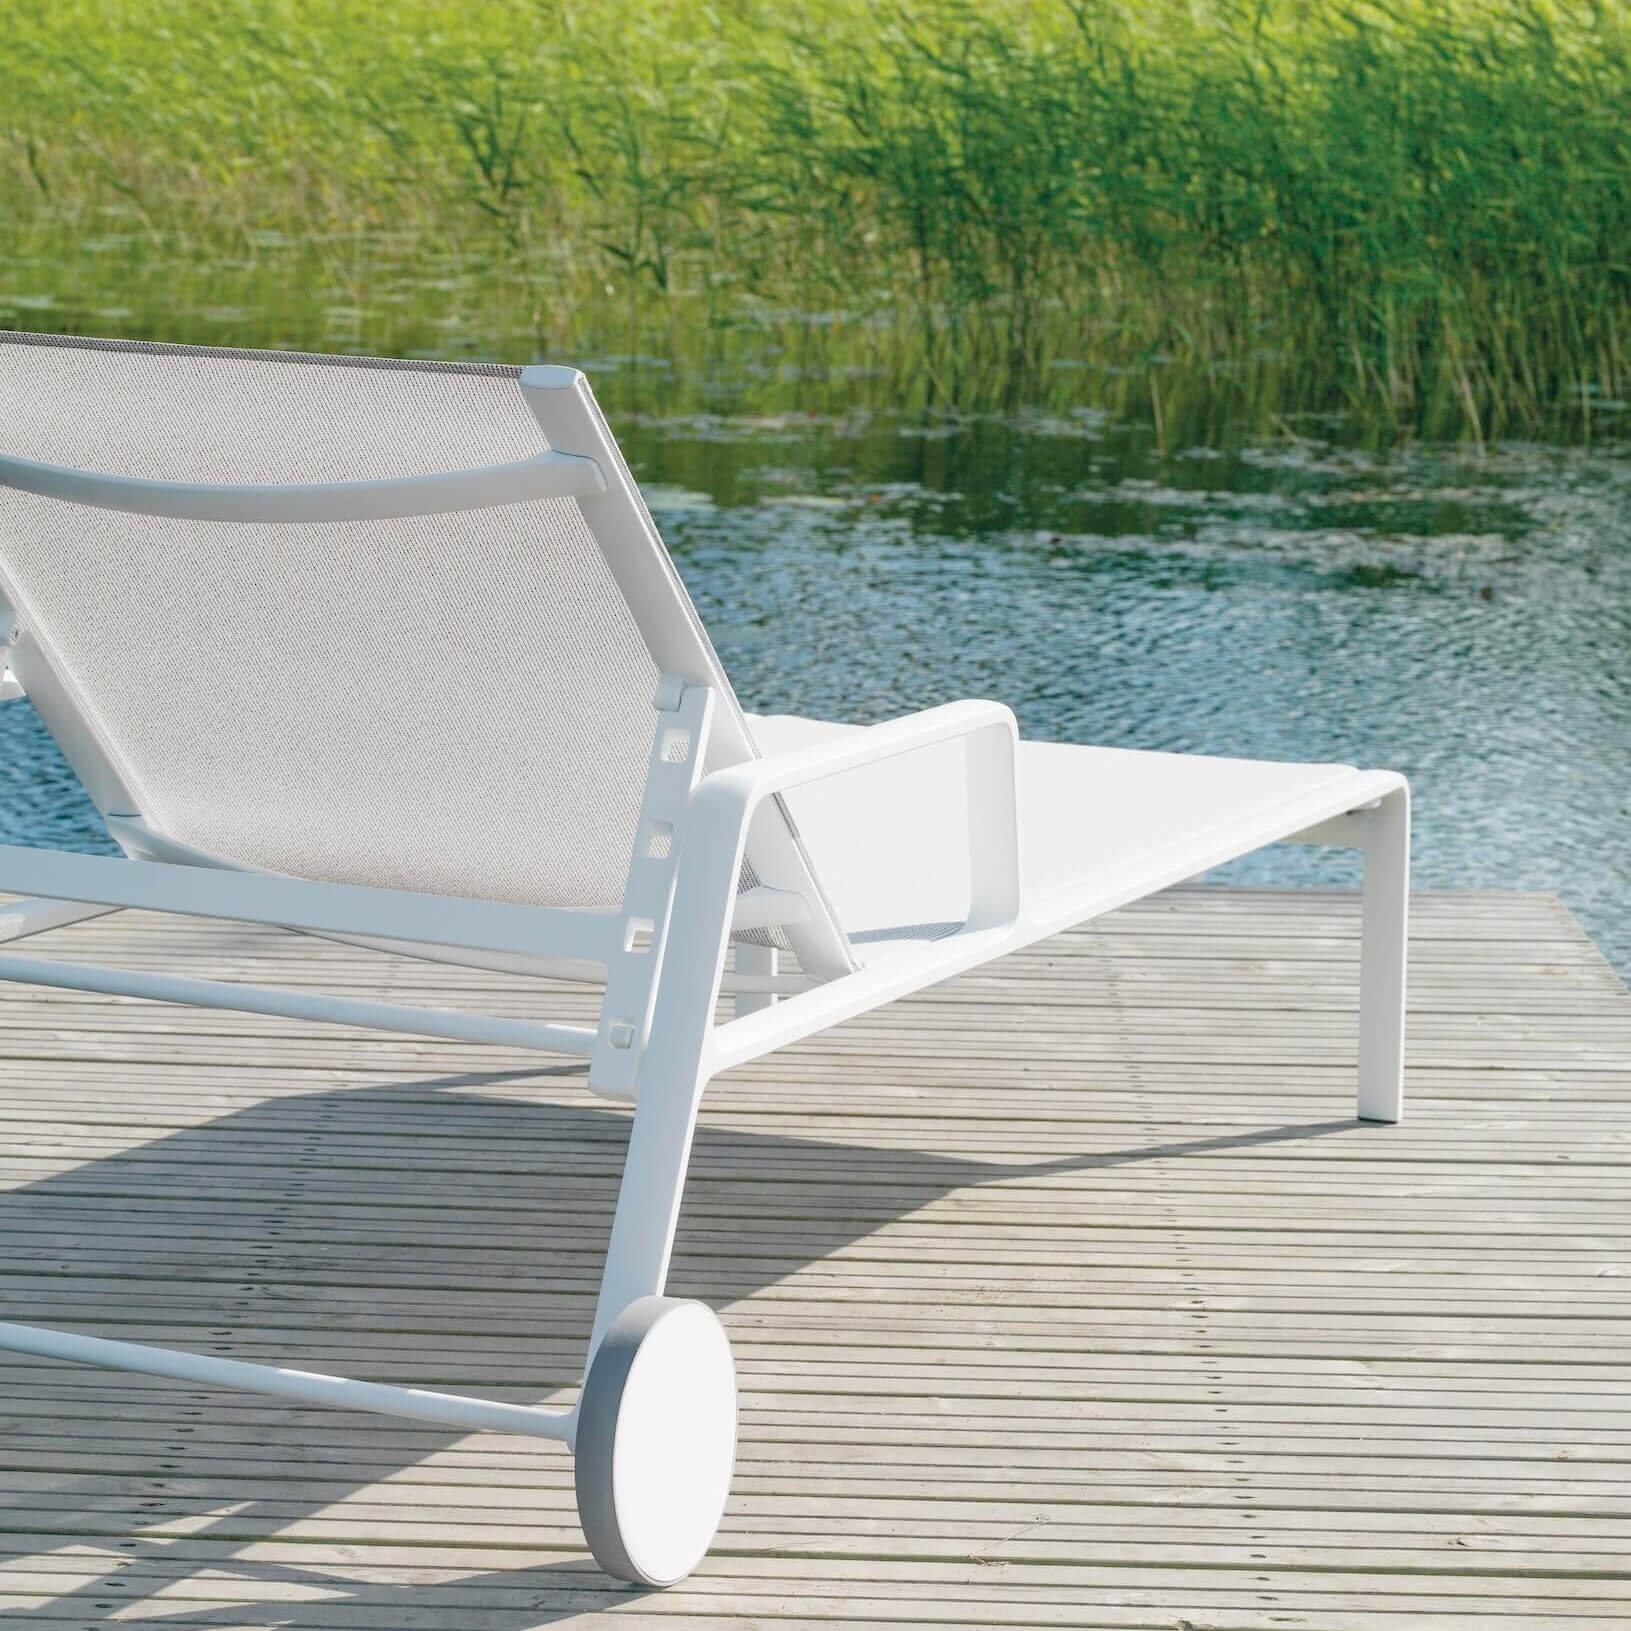 deckchair2_sQ.jpg